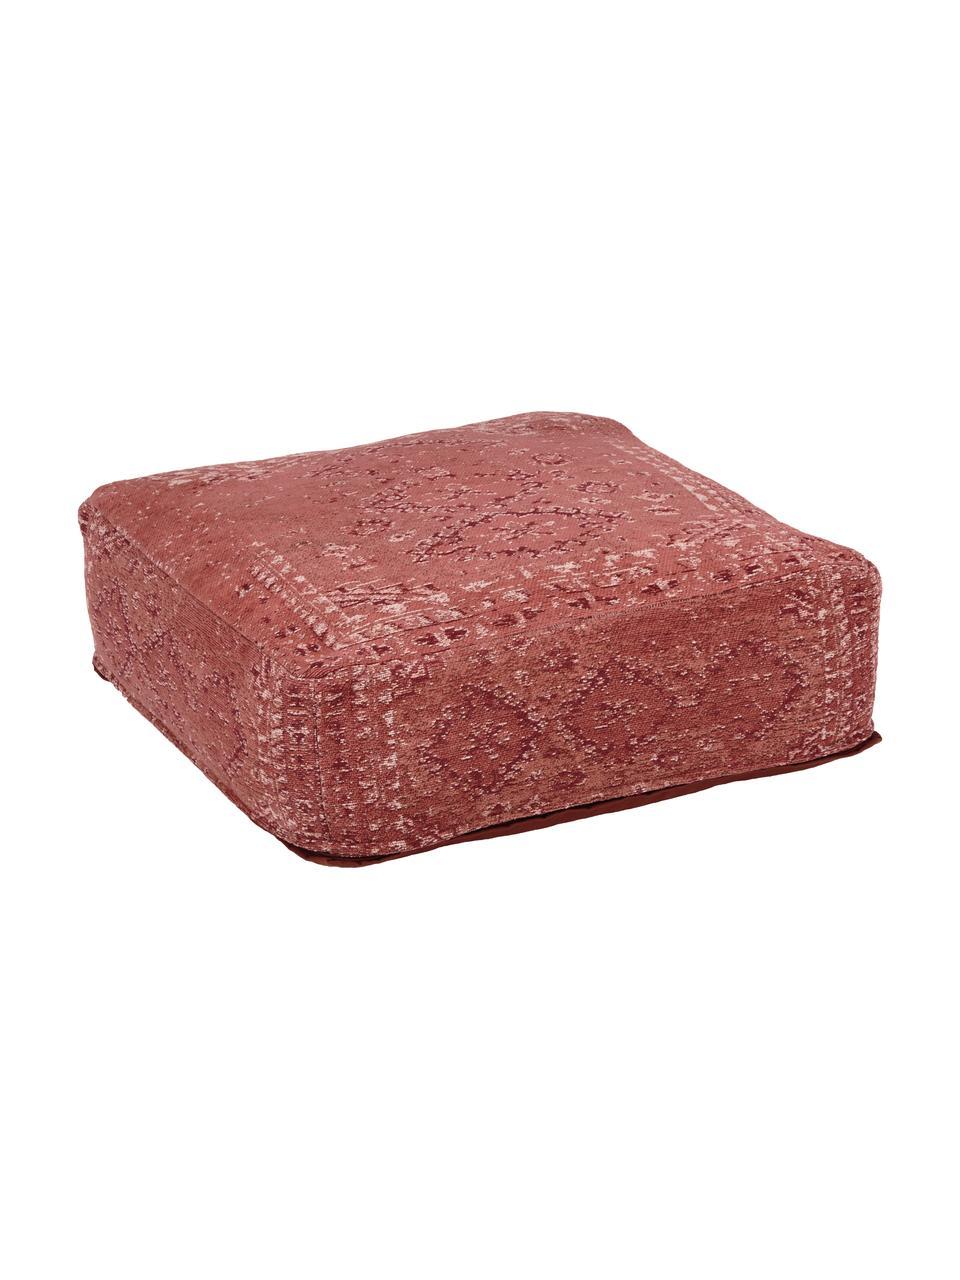 Poduszka podłogowa w stylu vintage Rebel, Tapicerka: 95% bawełna, 5% poliester, Rudy, kremowy, czerwony, S 70 x W 26 cm